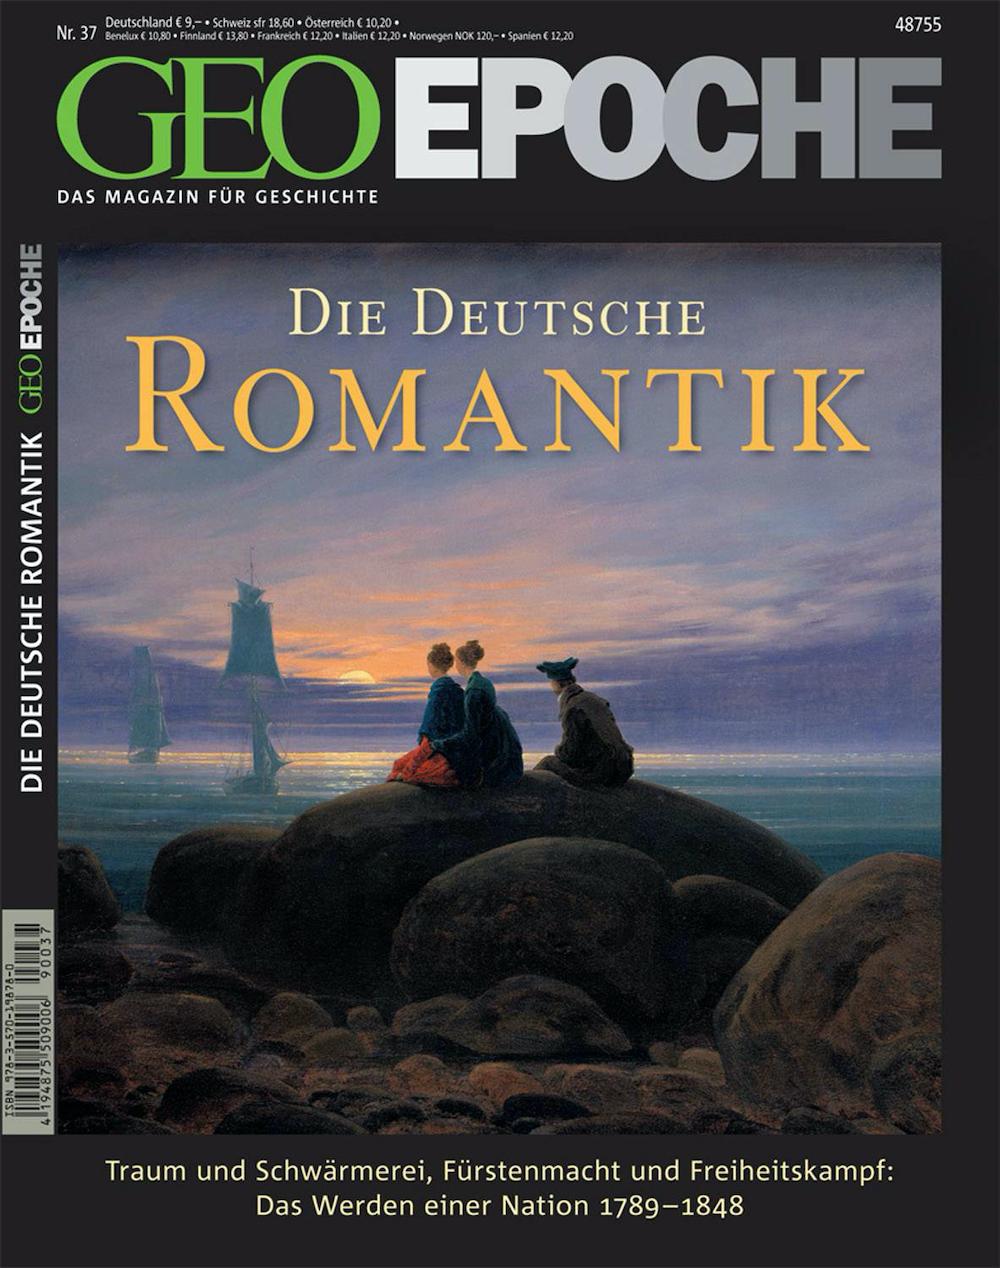 GEO Epoche 2009-37 Die Deutsche Romantik